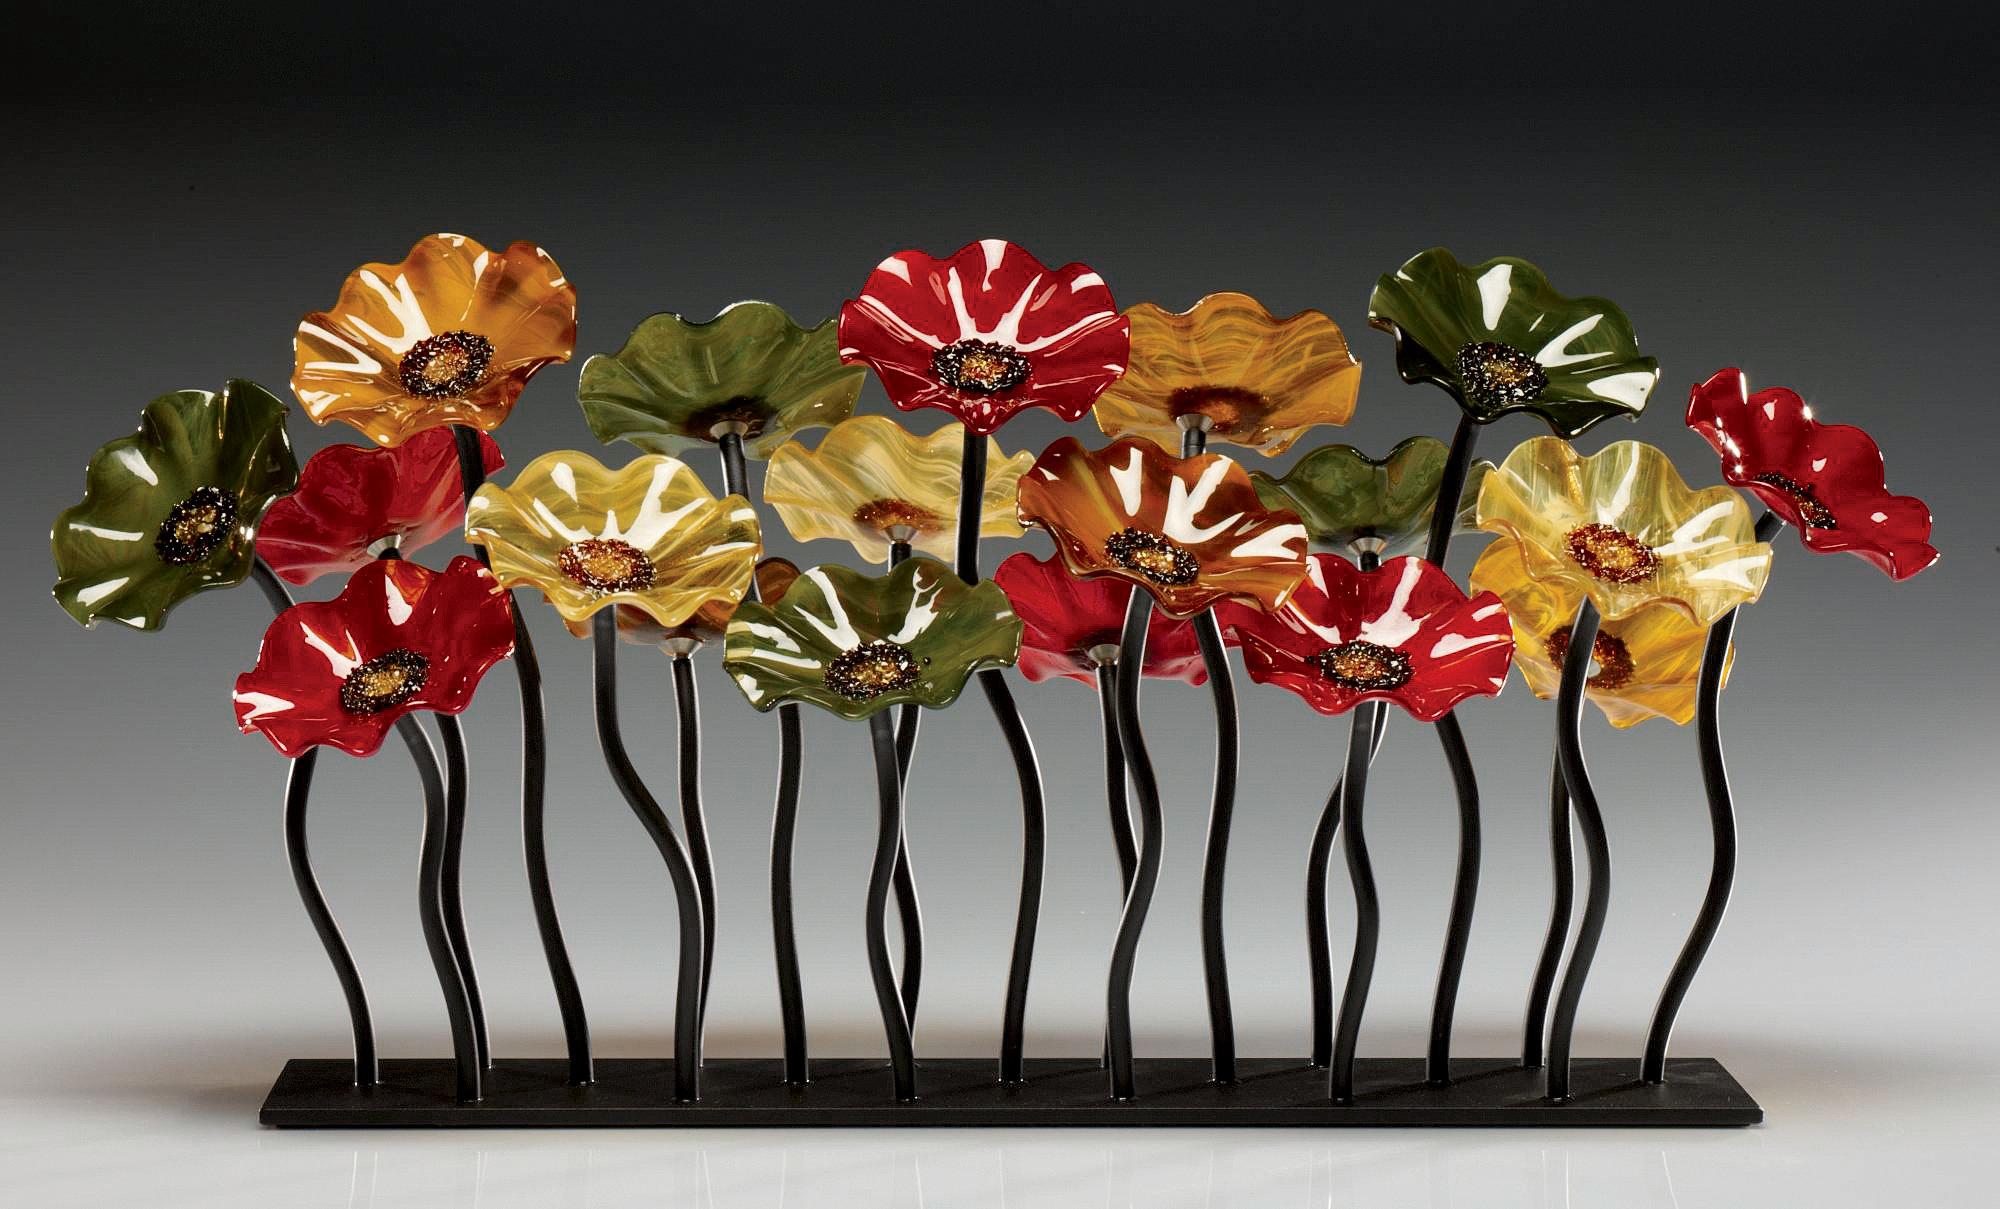 Breckenridge Glass Flower Garden By Scott Johnson And